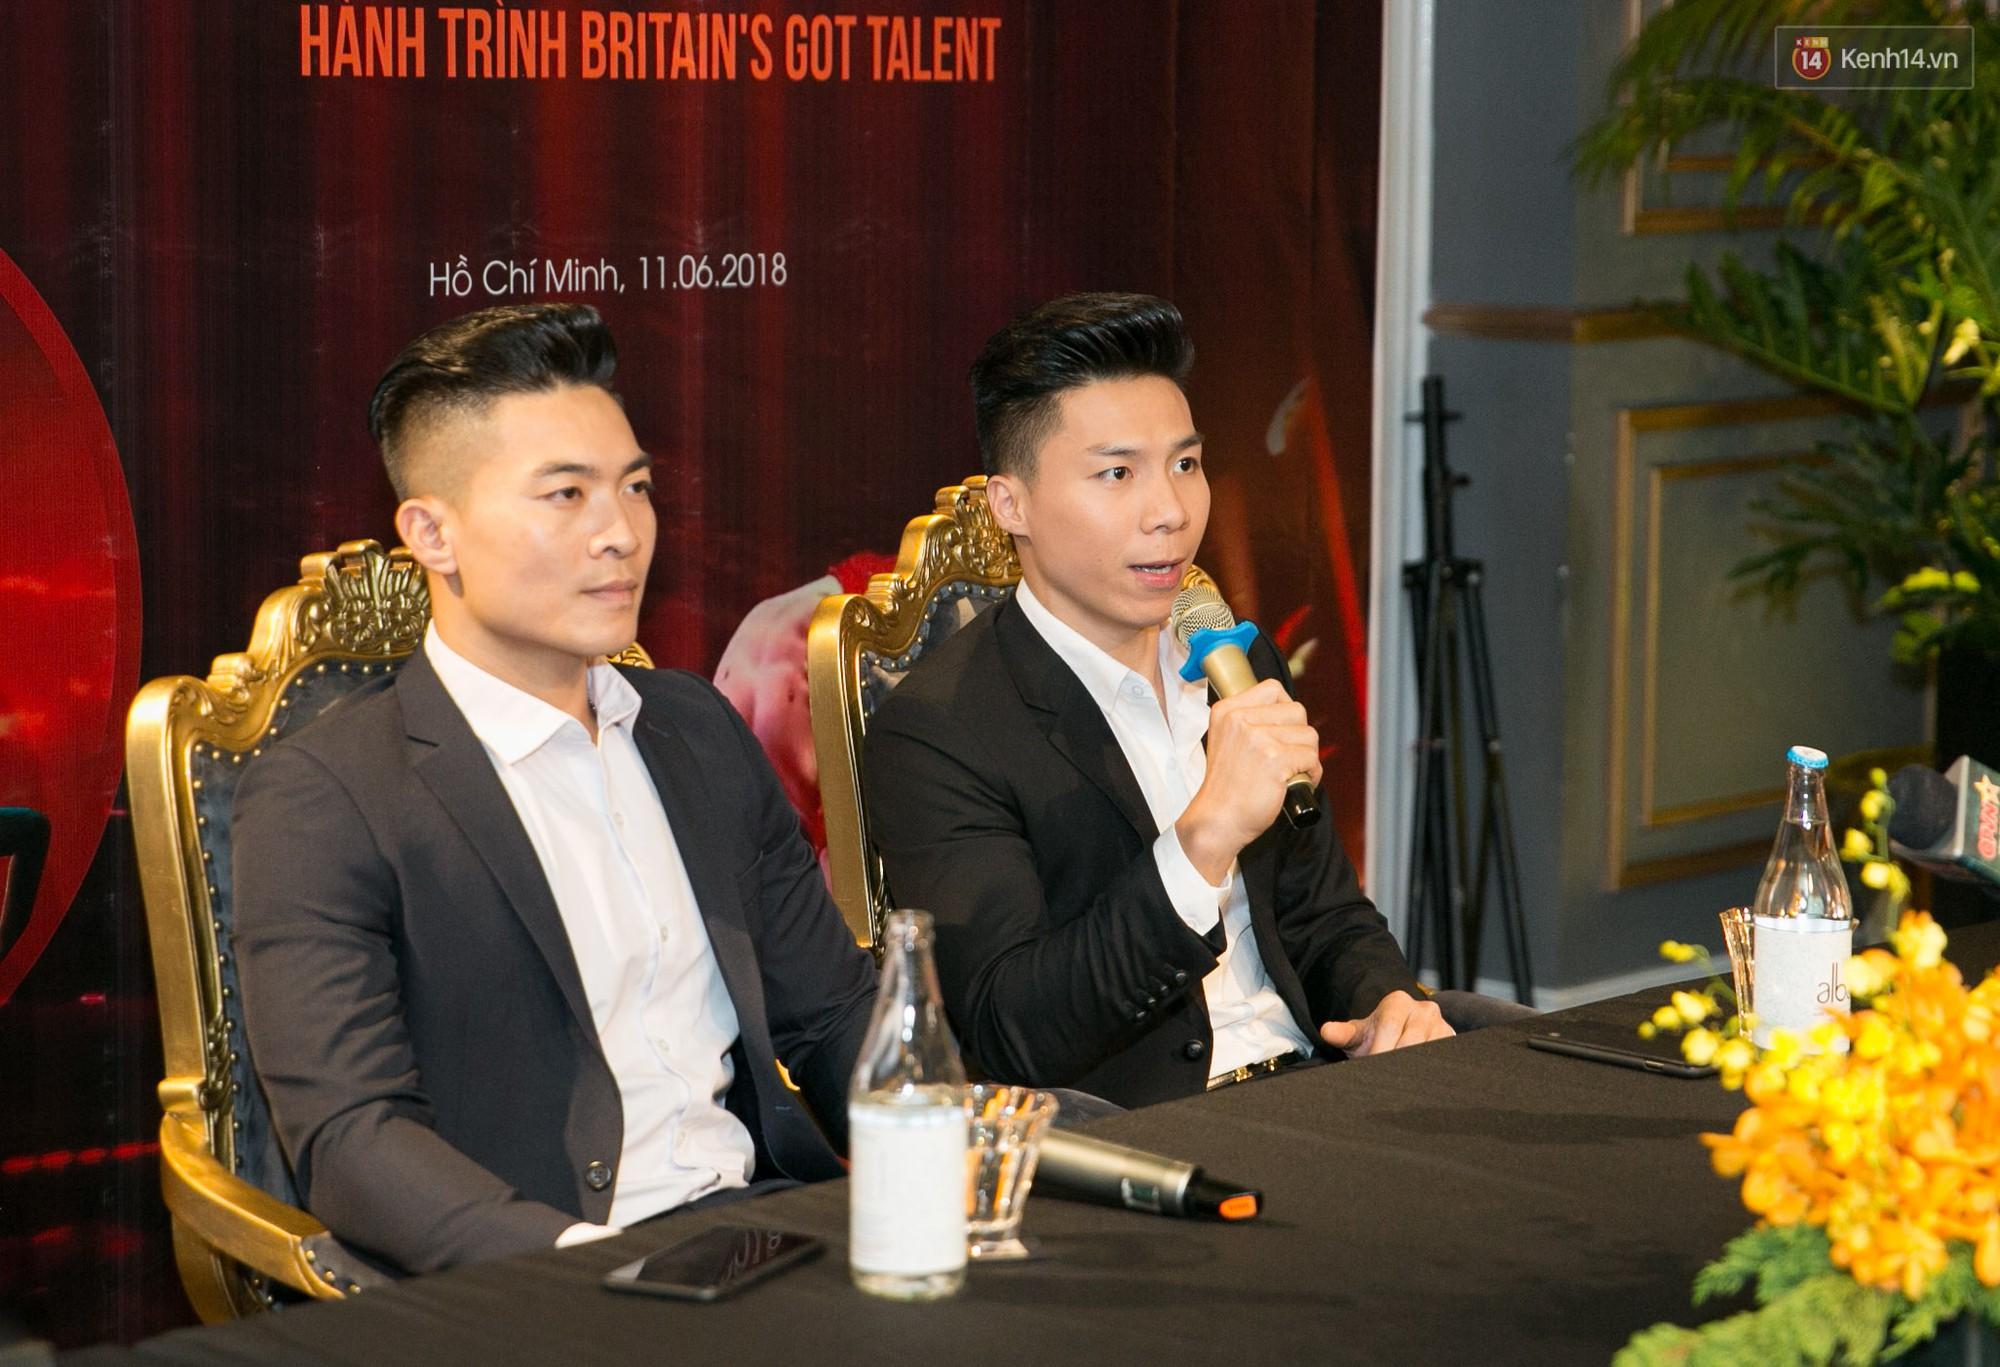 Anh em Quốc Cơ - Quốc Nghiệp phải huỷ show diễn tâm huyết tại Việt Nam vì lý do sức khoẻ - Ảnh 5.